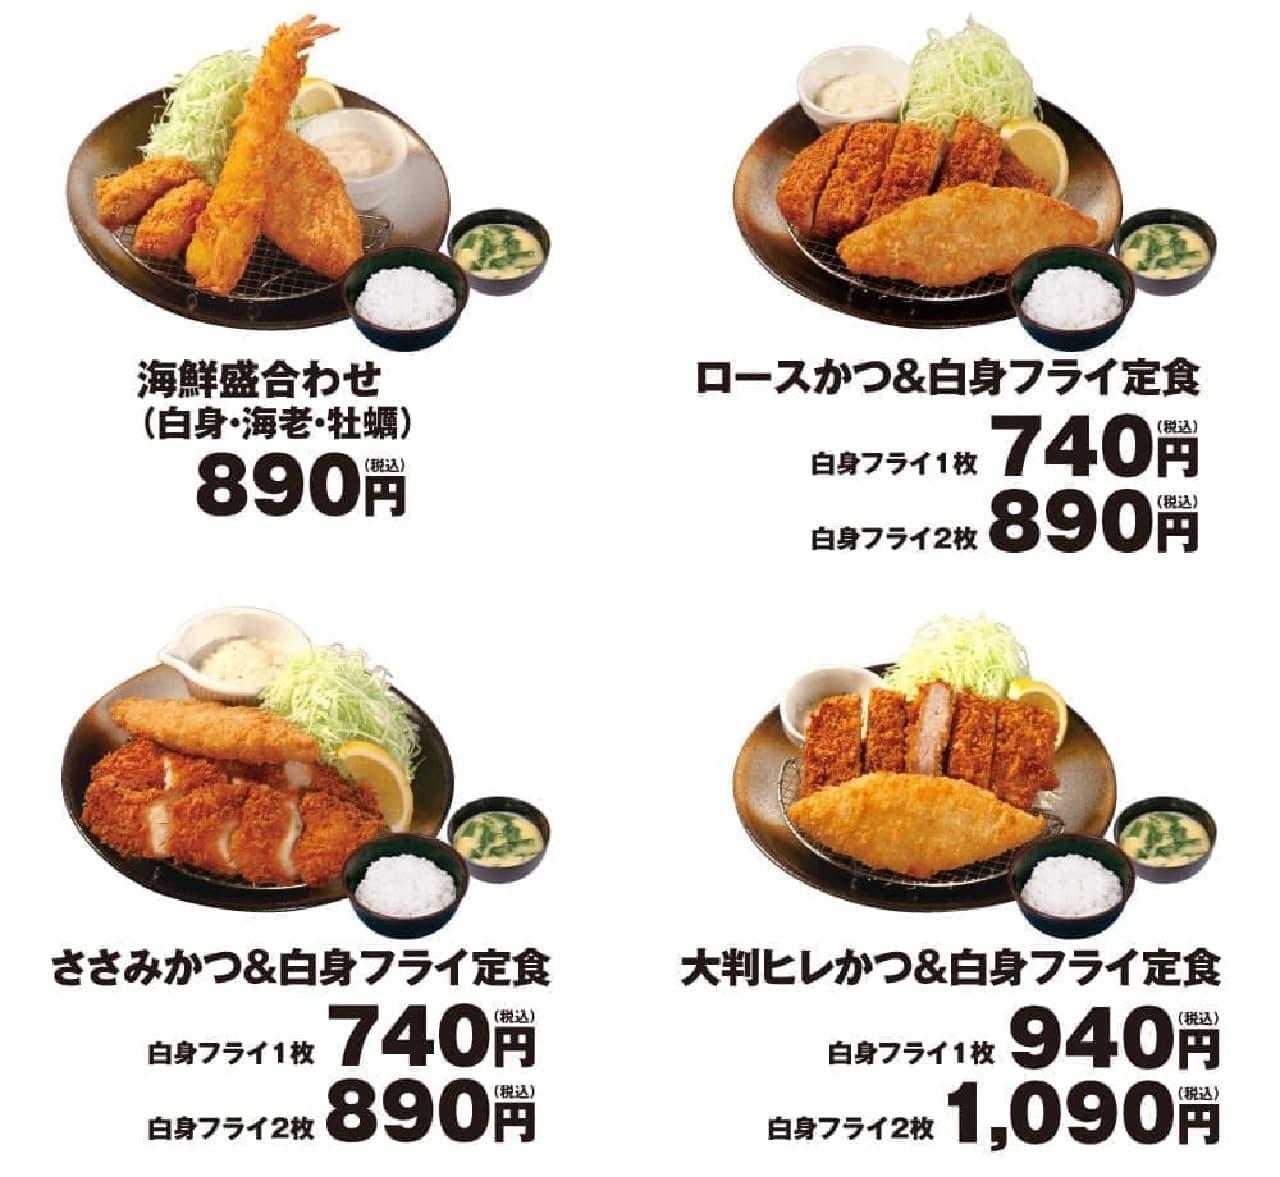 松のや「海鮮盛合わせ定食」